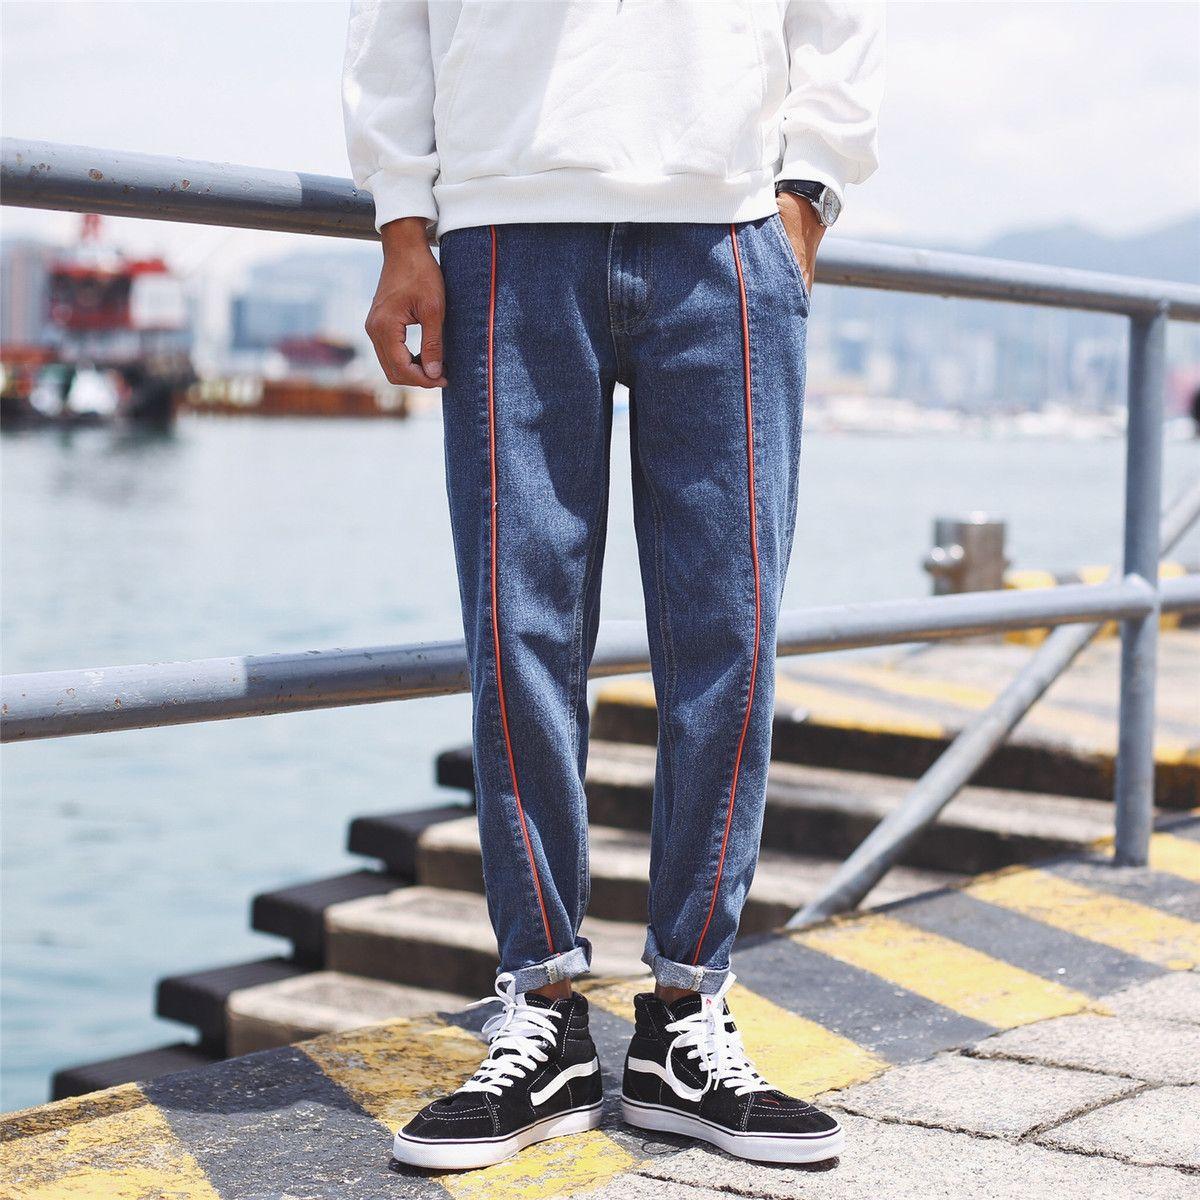 2018 Мужская мода тенденция Ковбой мыть повседневные брюки классический черный синий стрейч джинсы Slim Fit Homme байкер джинсовые брюки M-2XL